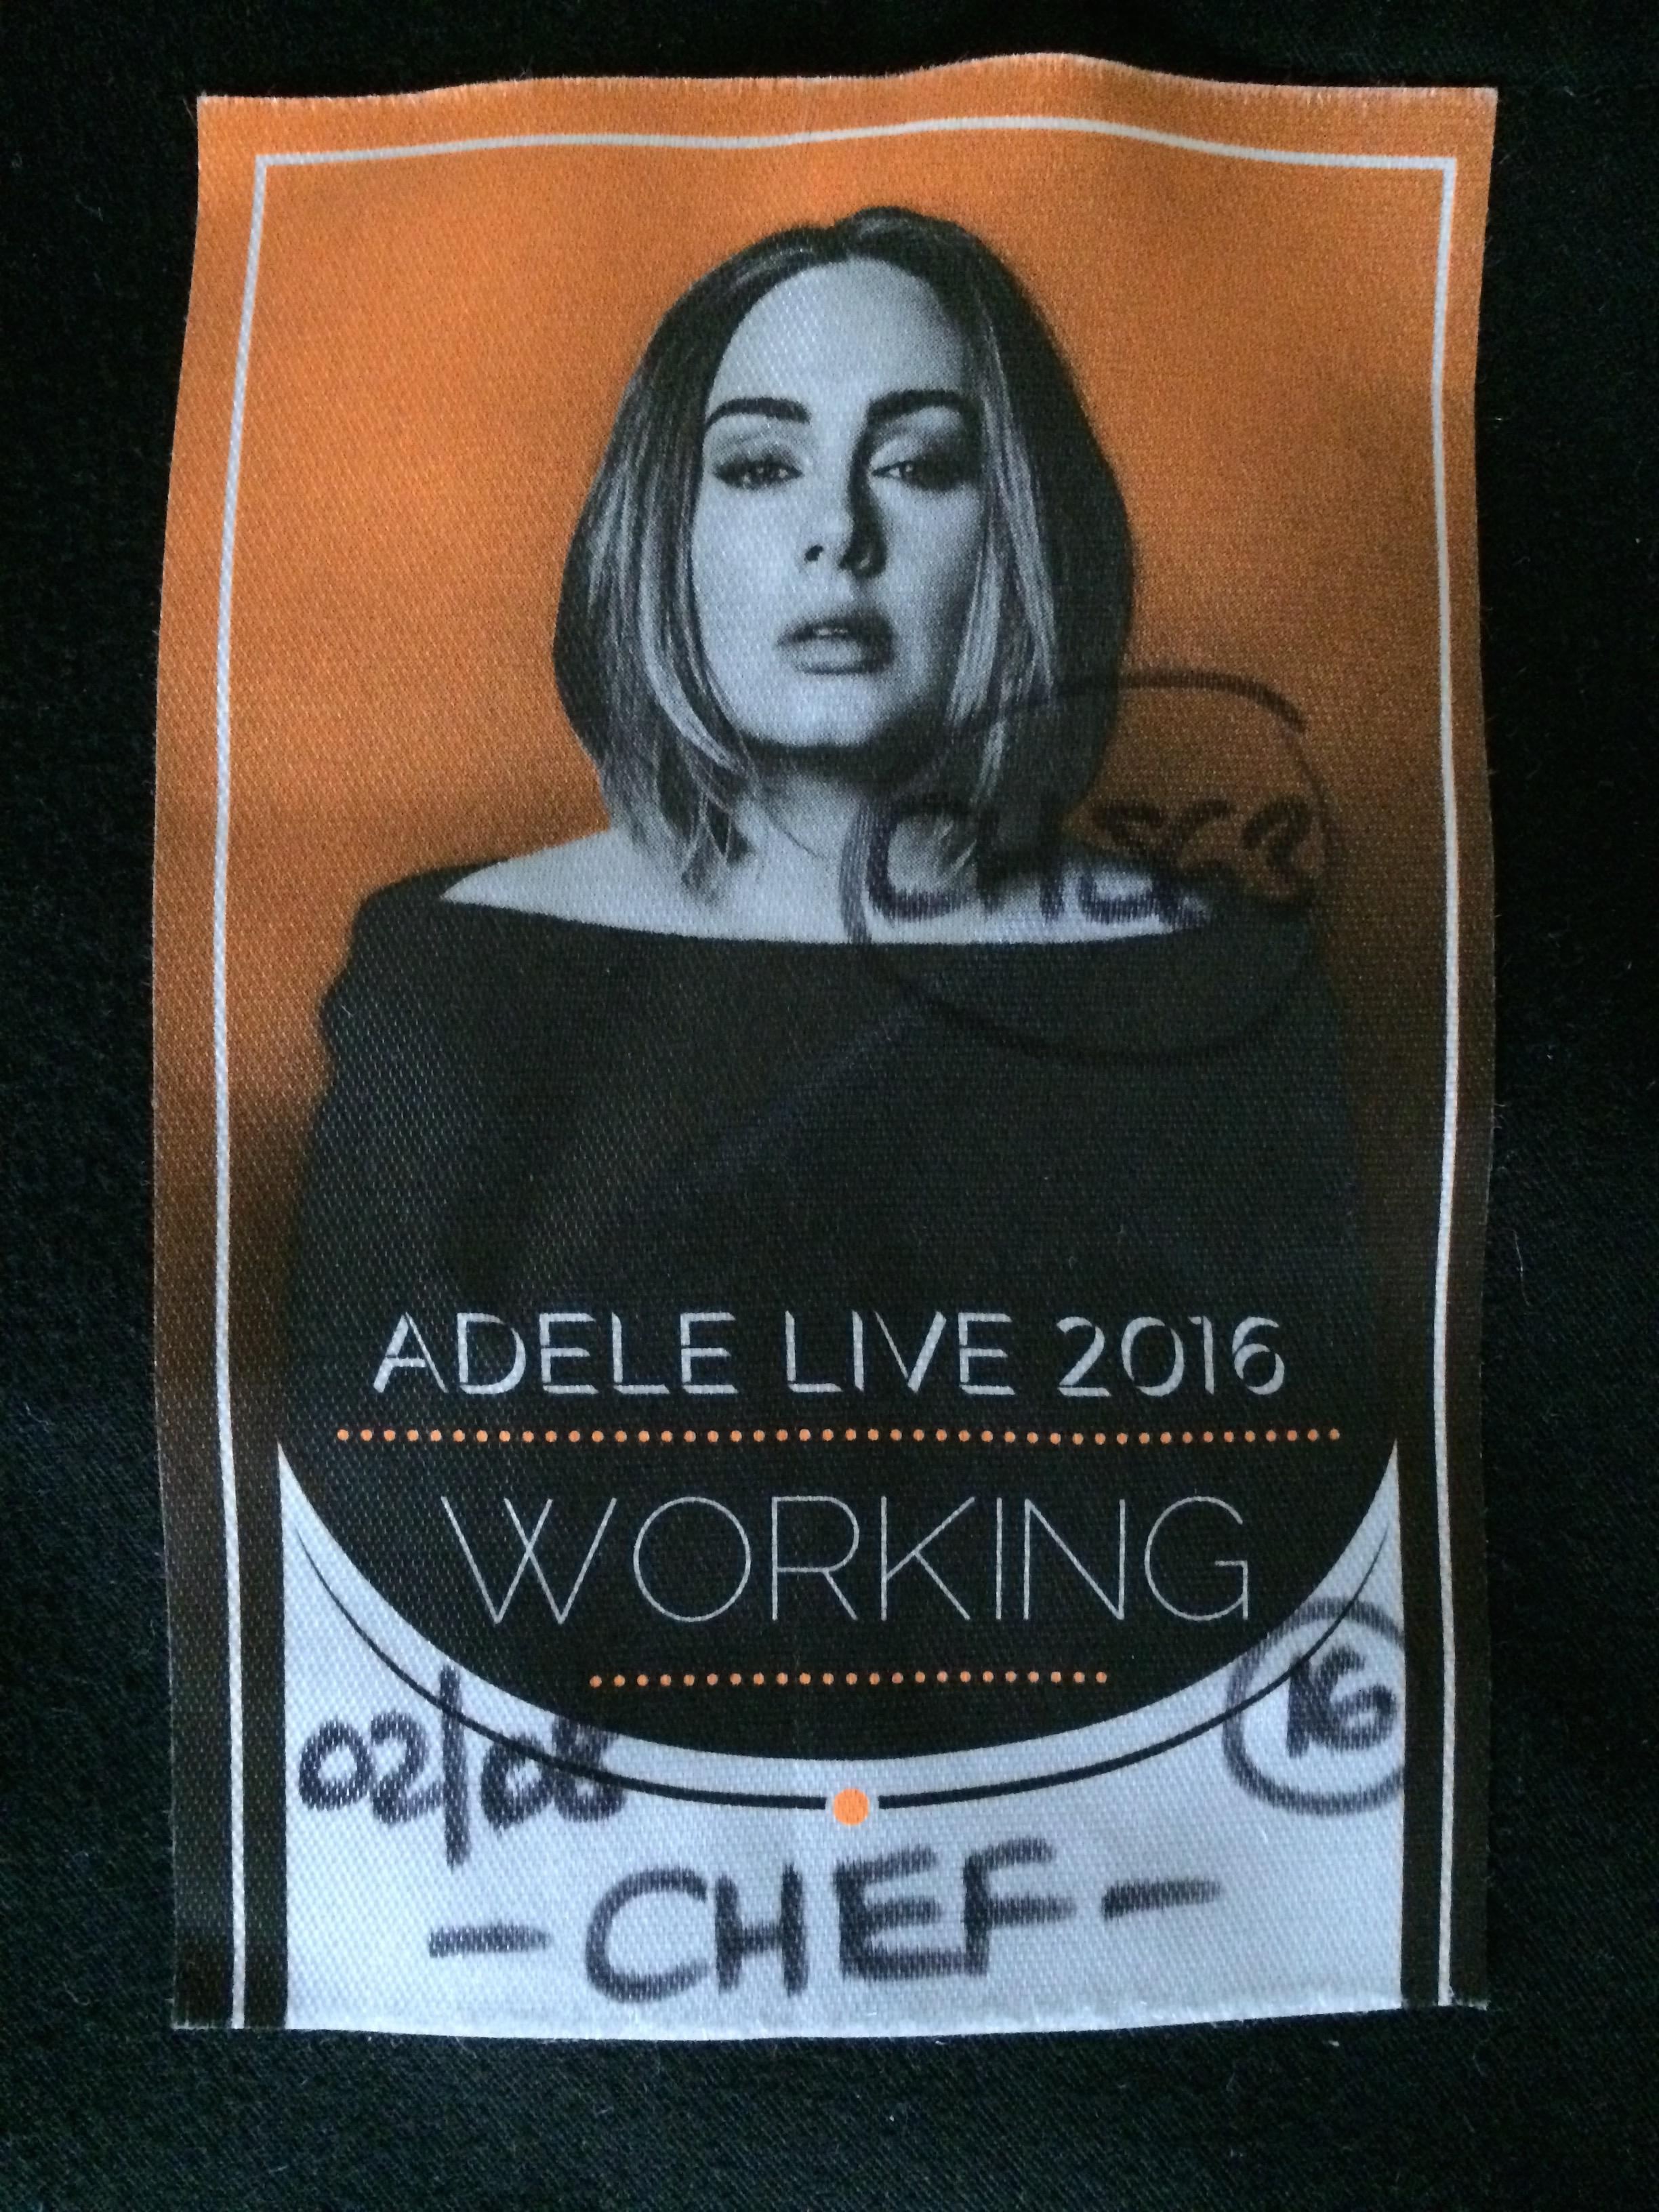 Dinner for Adele